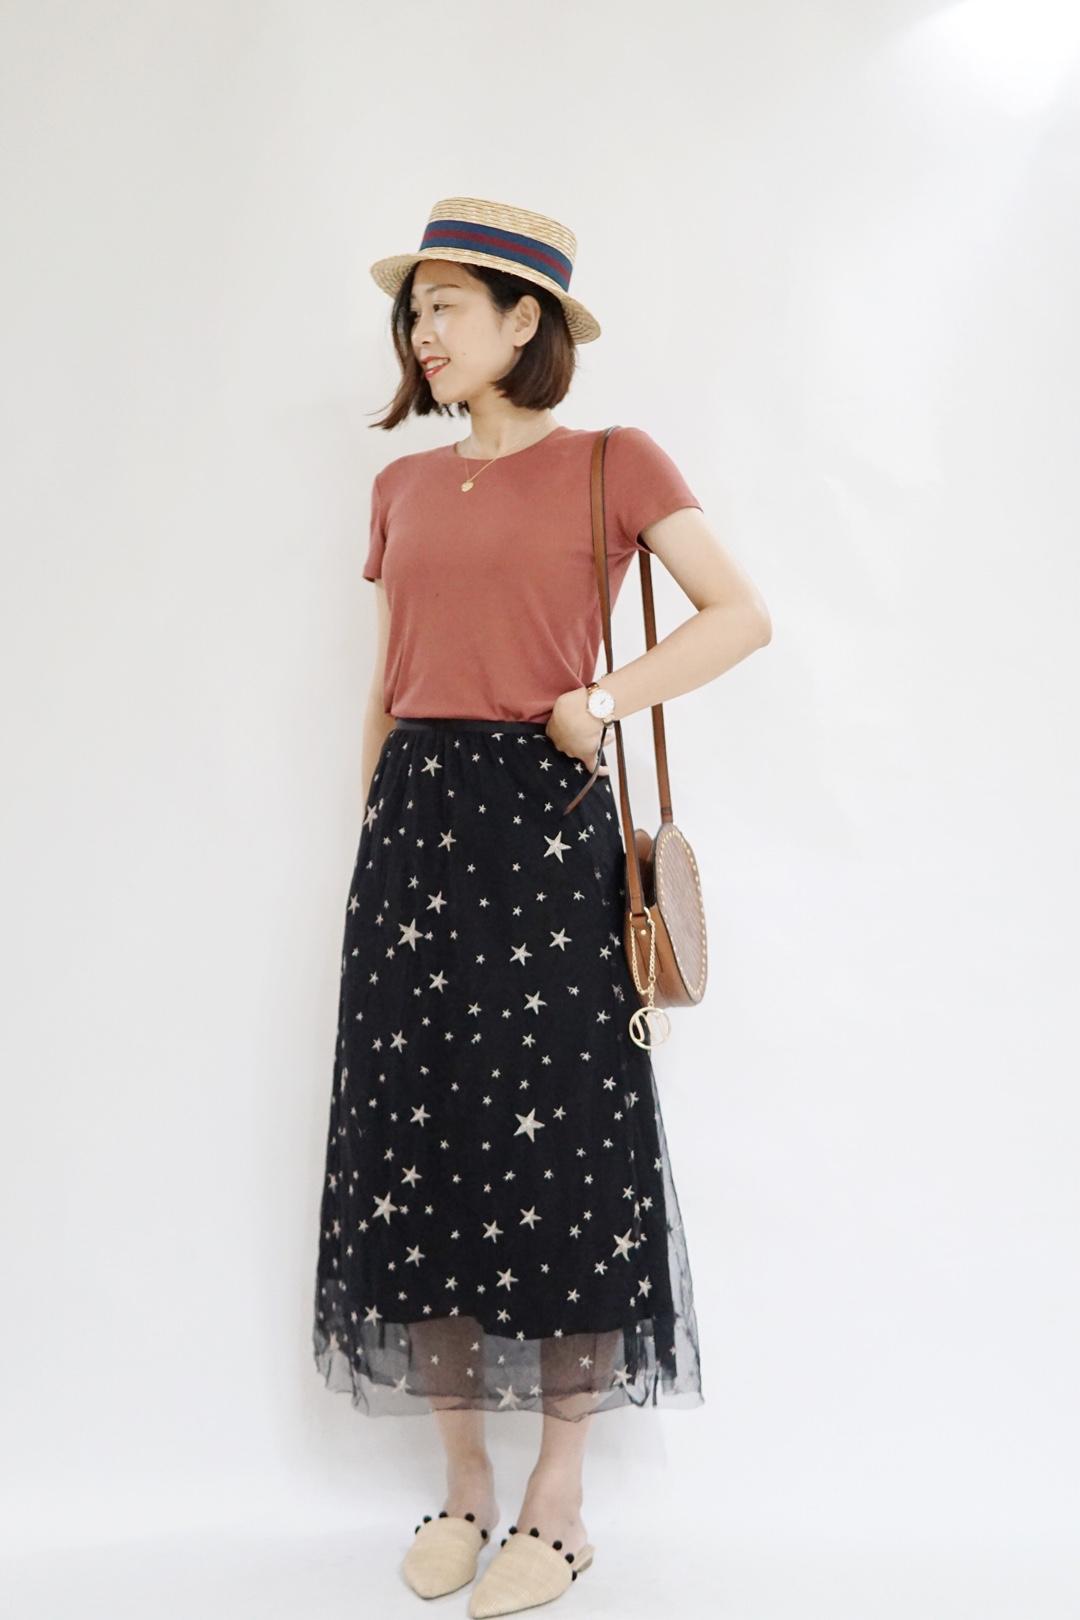 #夏日不用减肥也能显瘦?#不得不说,T恤在夏天真的是必不可少的单品!可塑性非常之强,各种风格都能hold住。我搭配了星星半身裙,与棕色包包,色系完美融合,而且超显瘦!